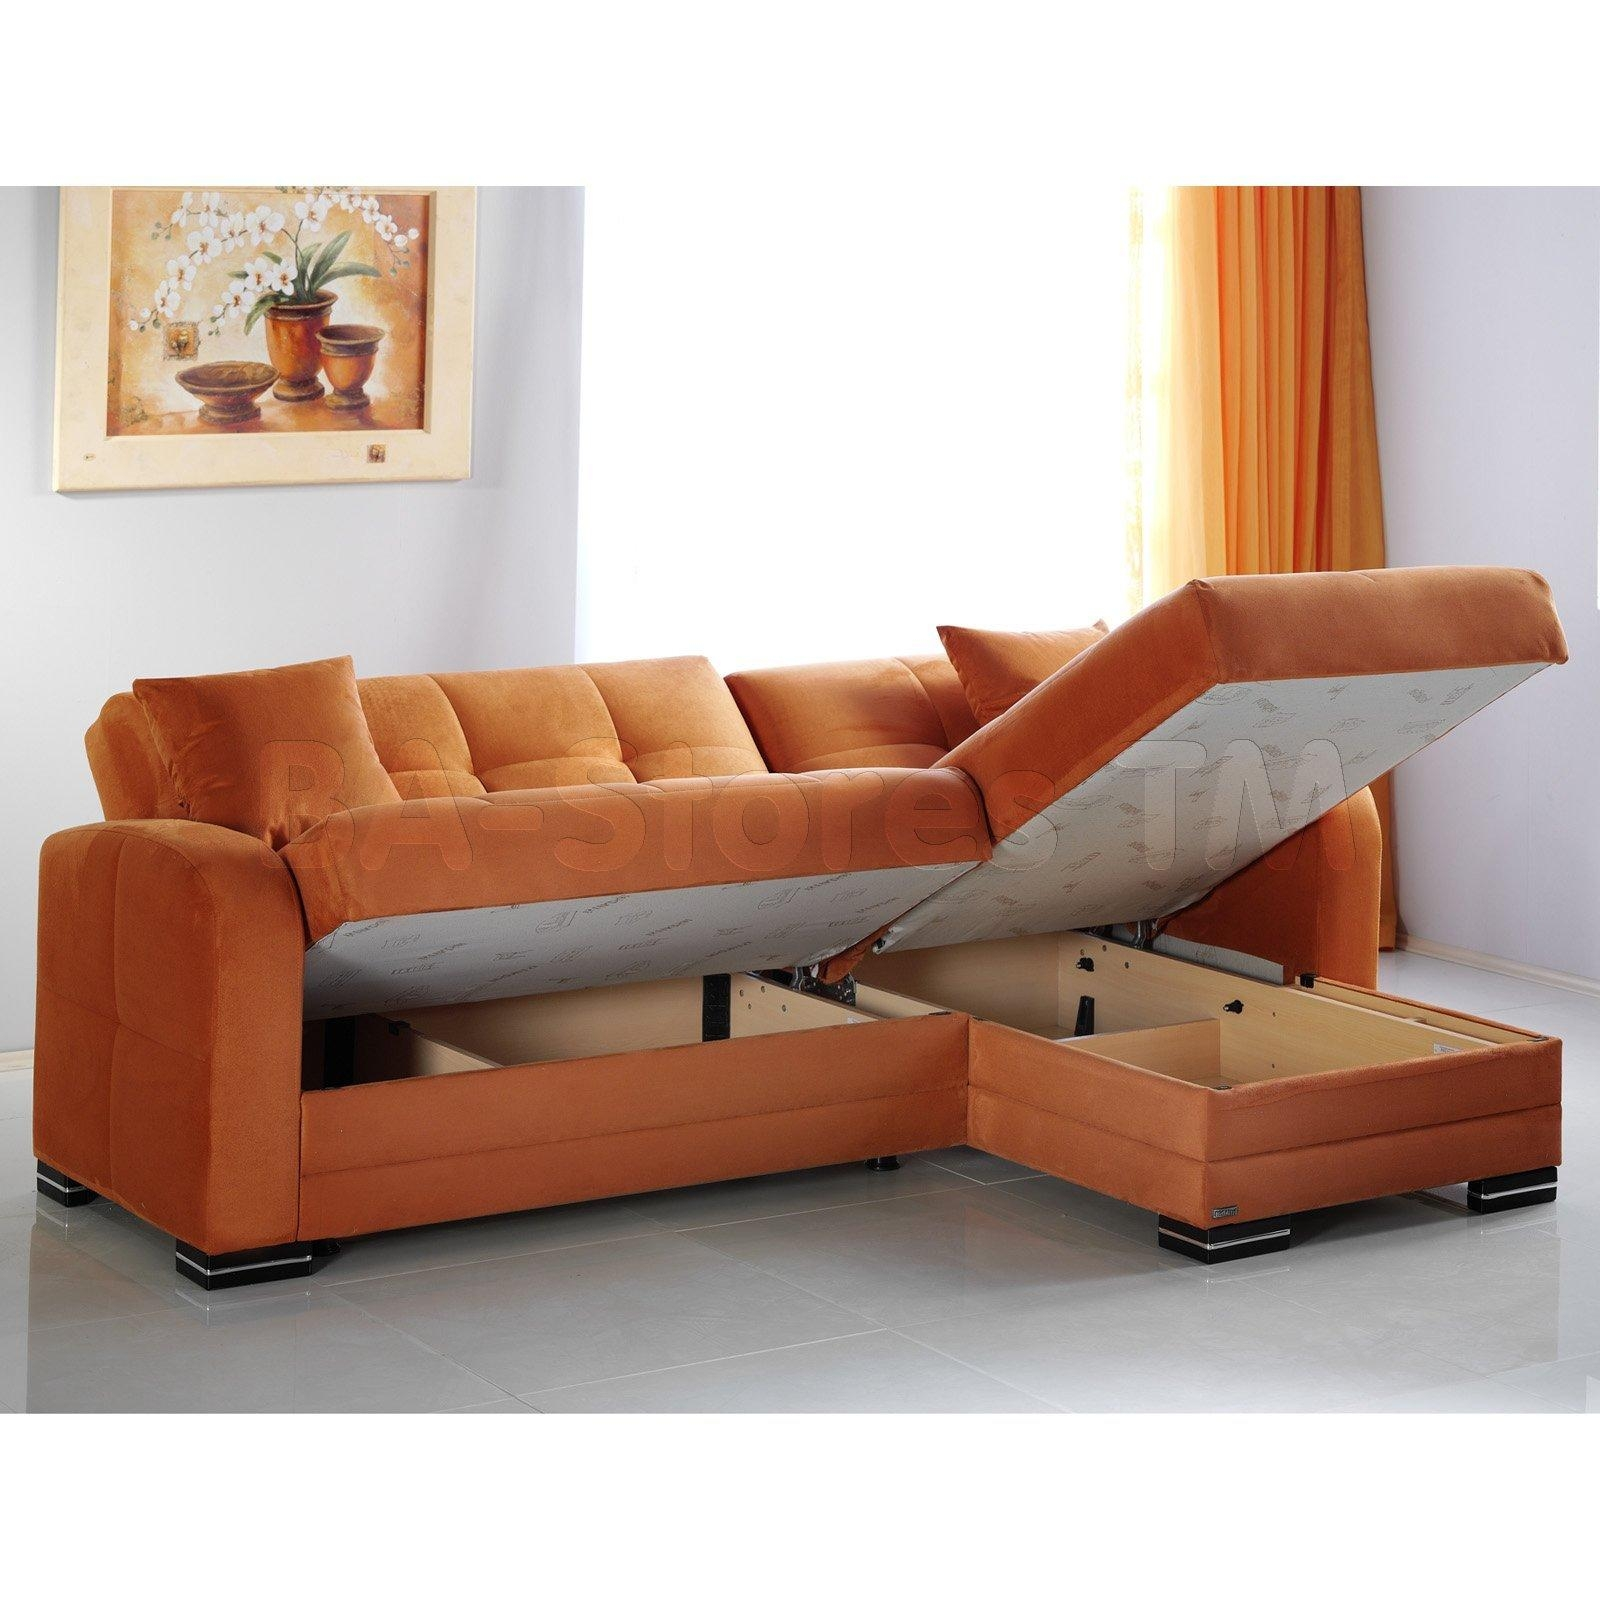 Istikbal Kubo Sectional Sofa | Rainbow Orange | Sectional Sofas Is With Orange Sectional Sofas (View 10 of 20)